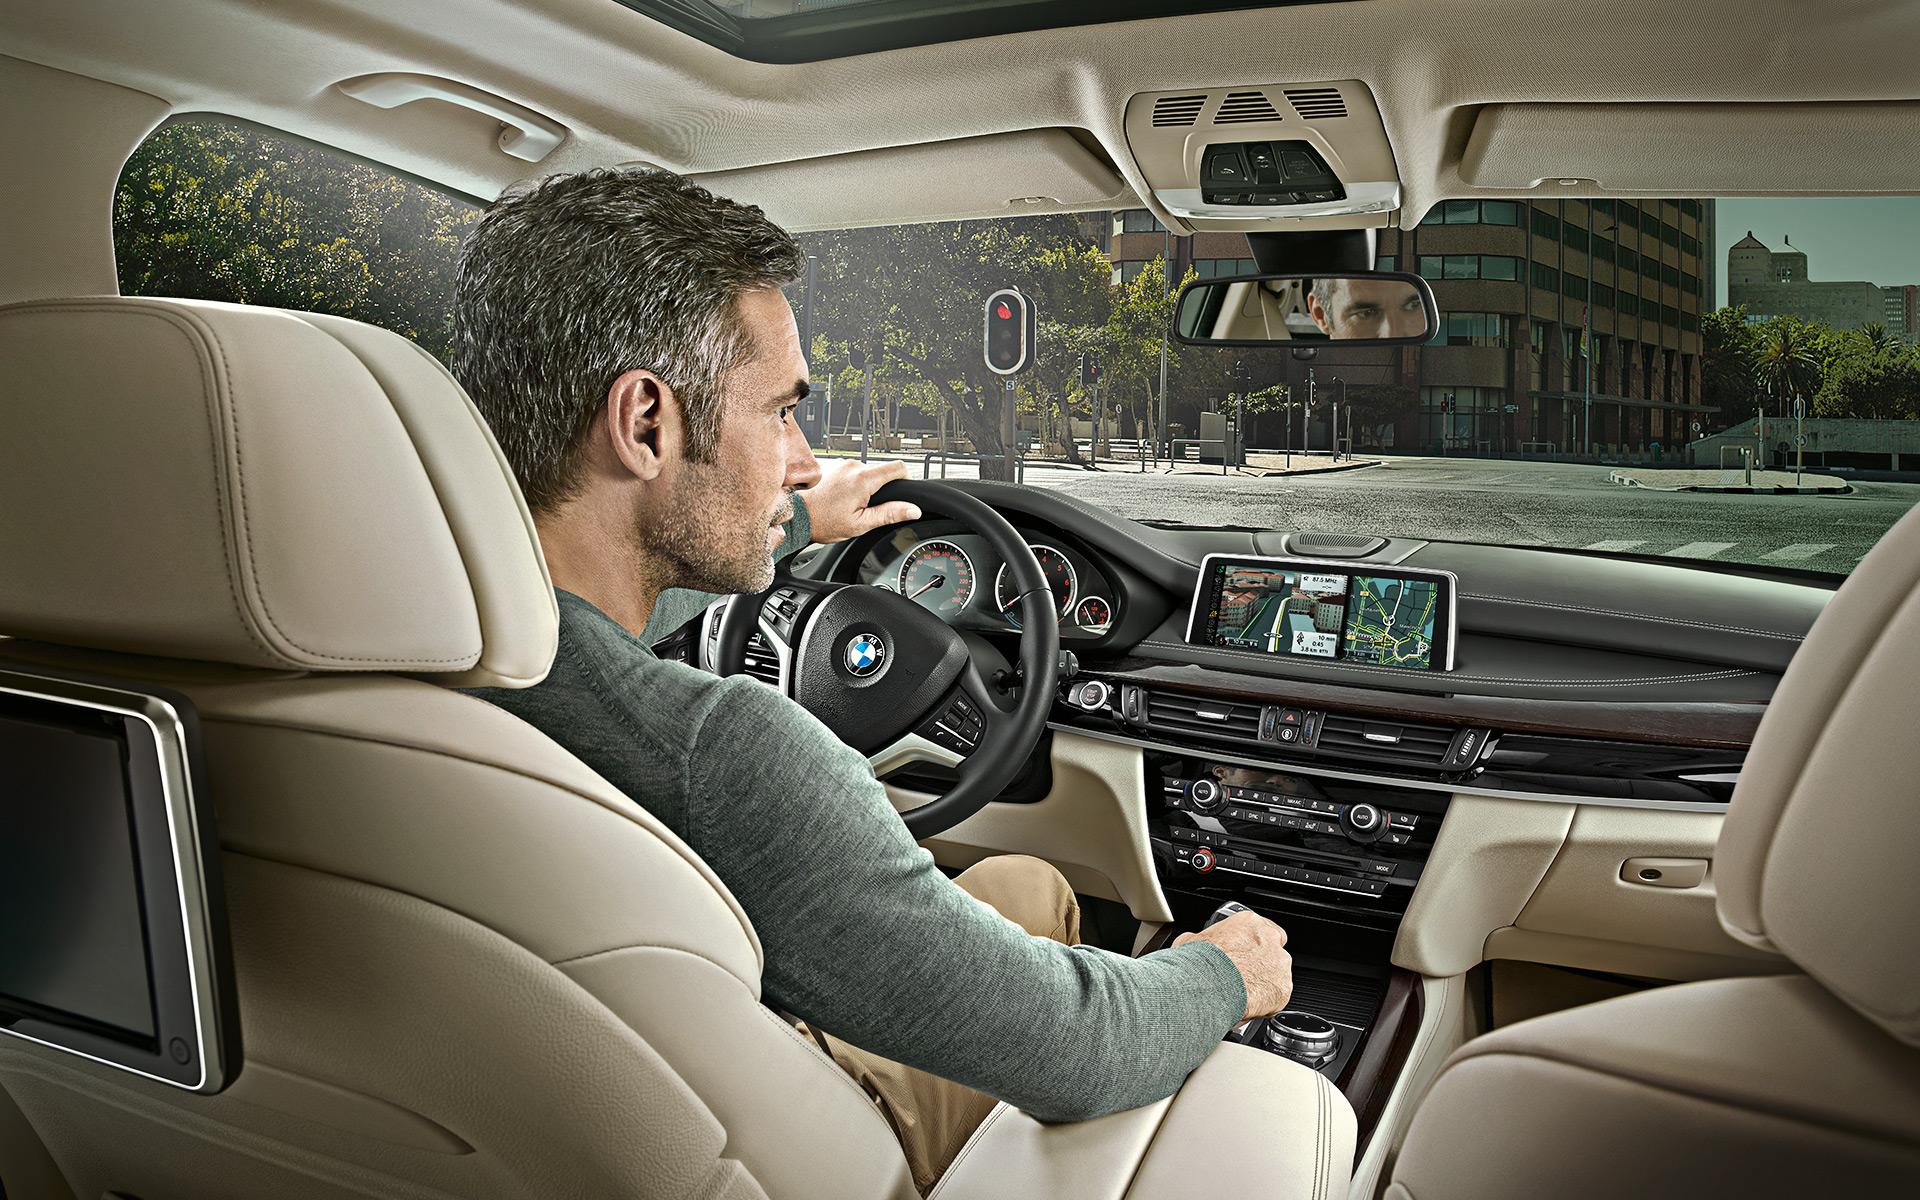 نکاتی جالب در مورد رانندگی و خودرو